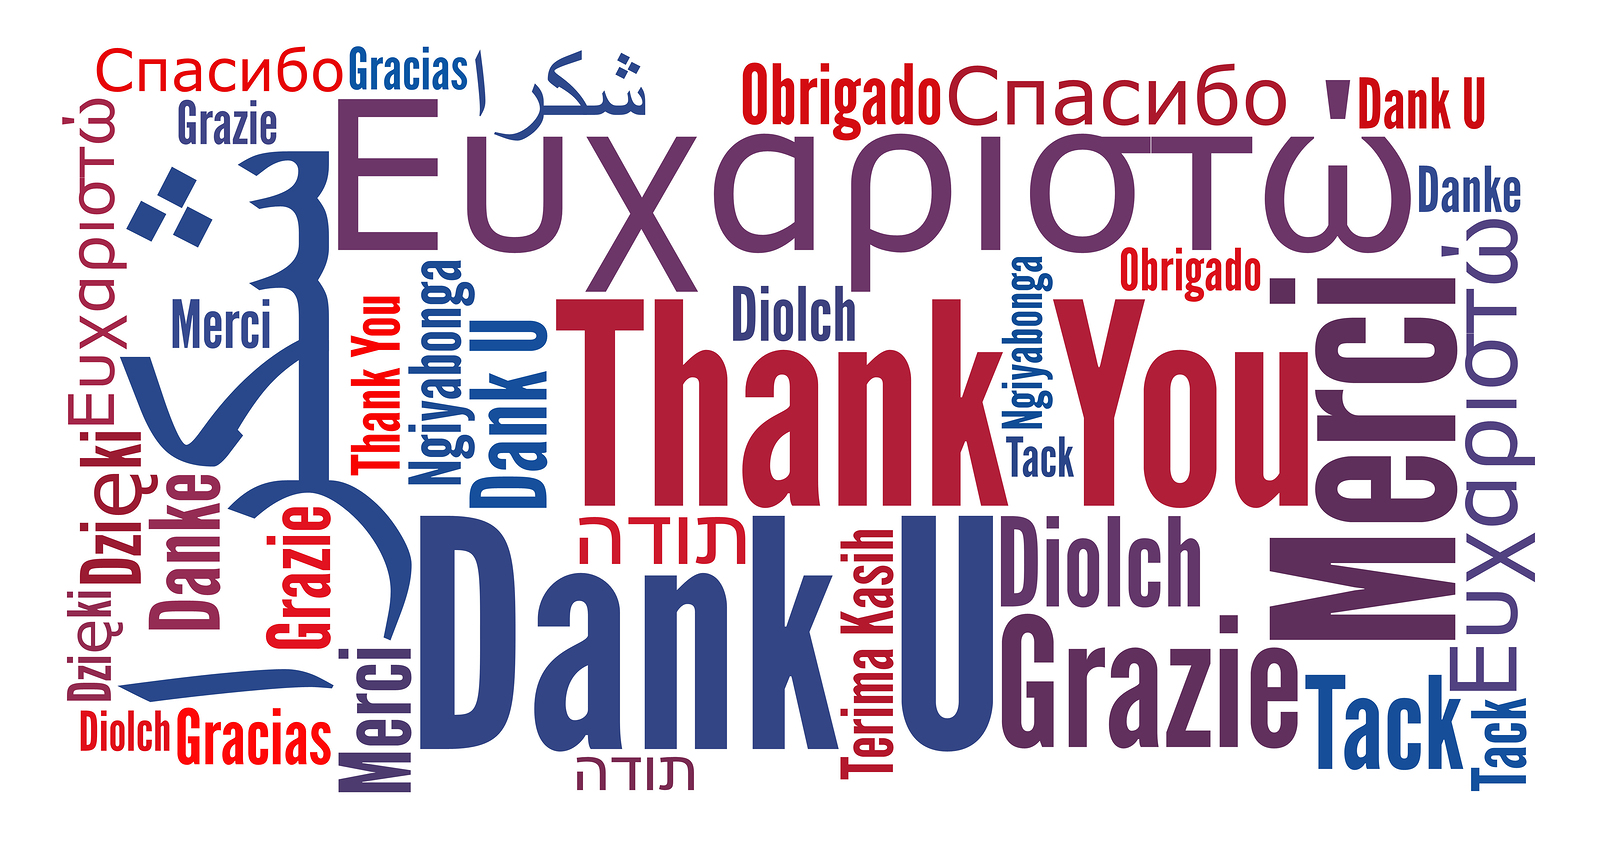 هر روز شکرگزاری می کنیم..................................................................